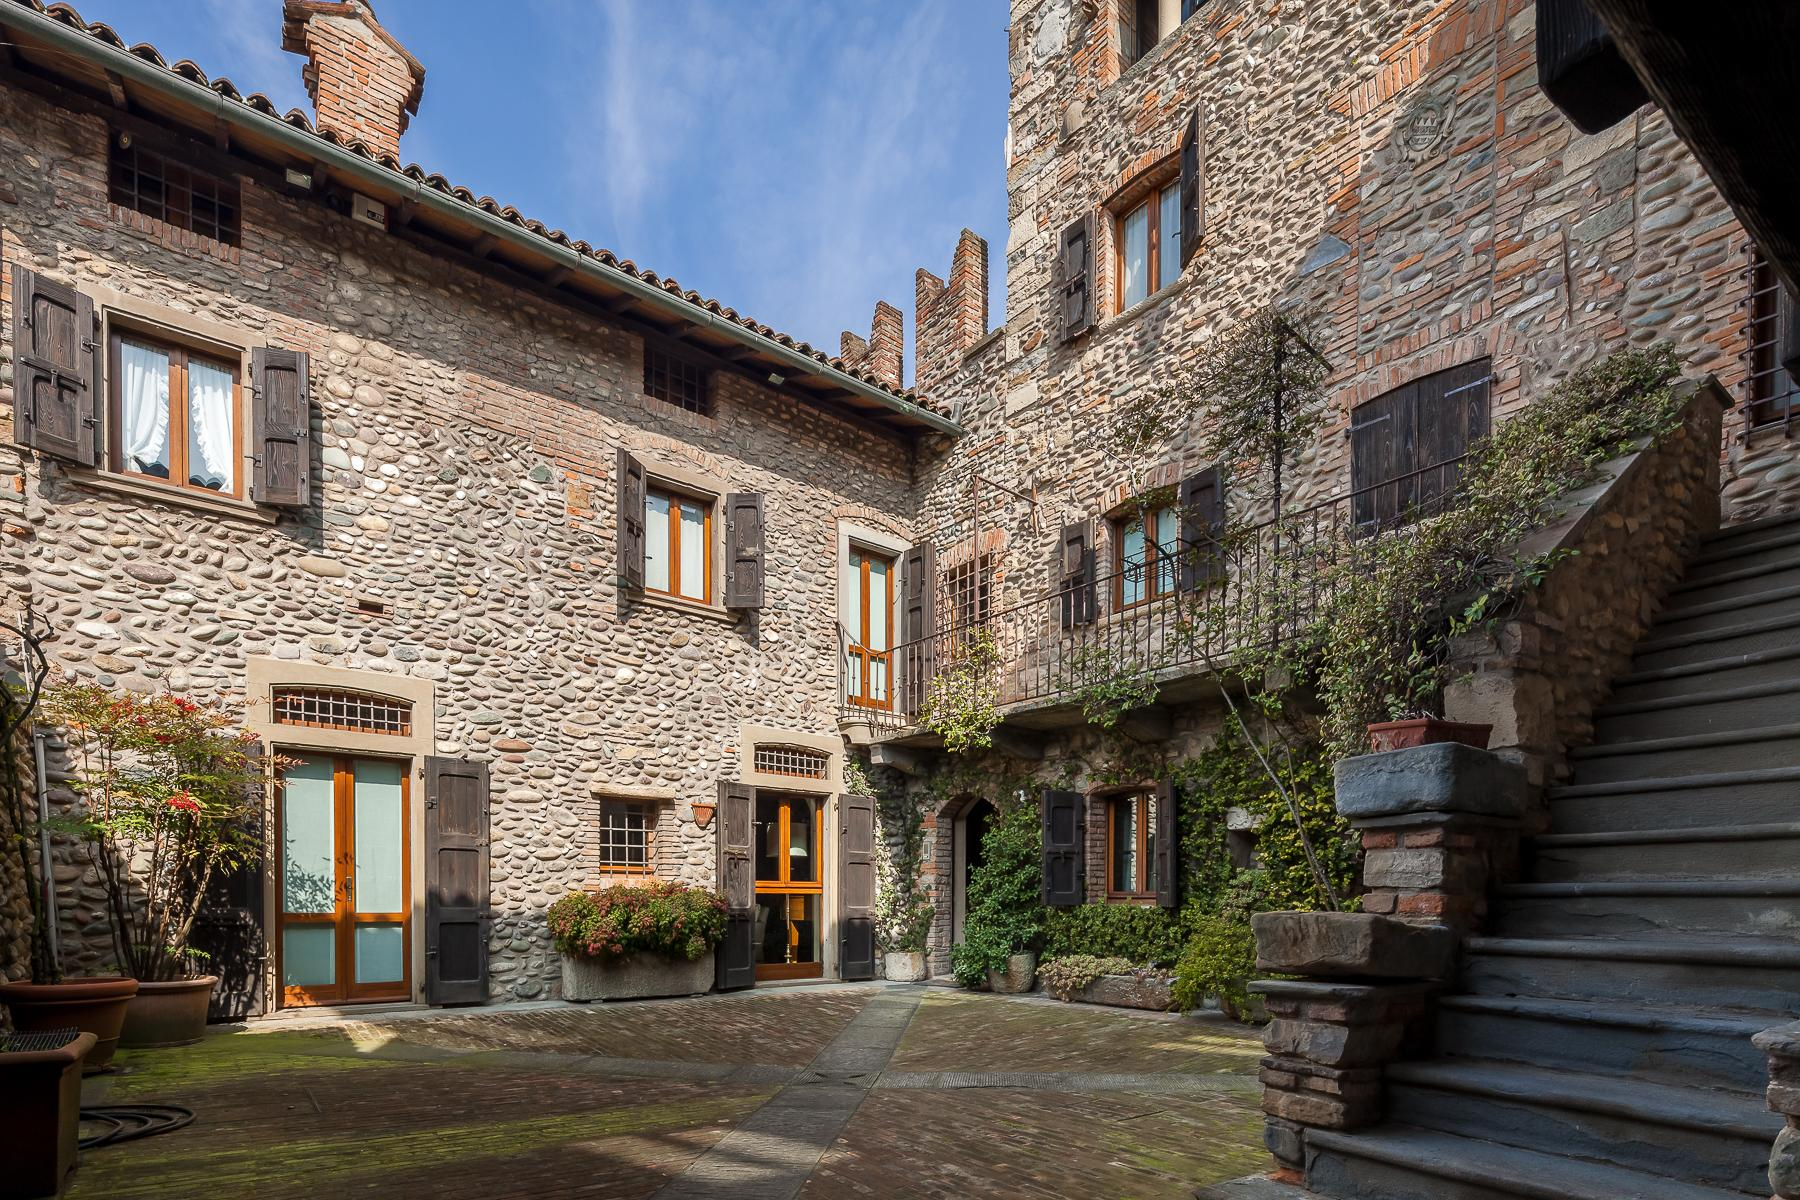 优雅迷人的13世纪城堡 - 3